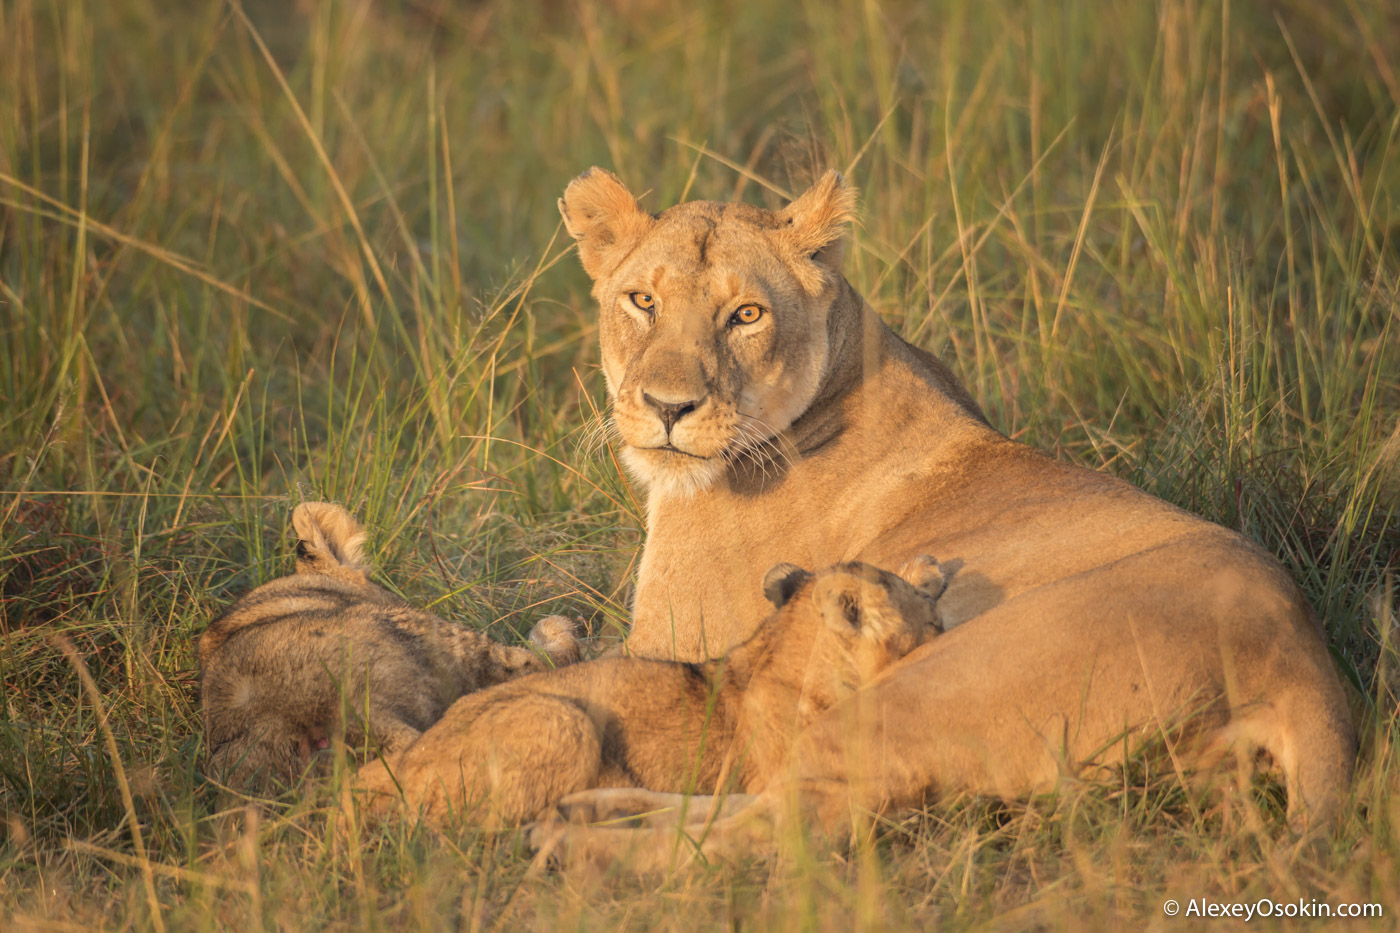 lion-cubs-03-2016-ao-5.jpg